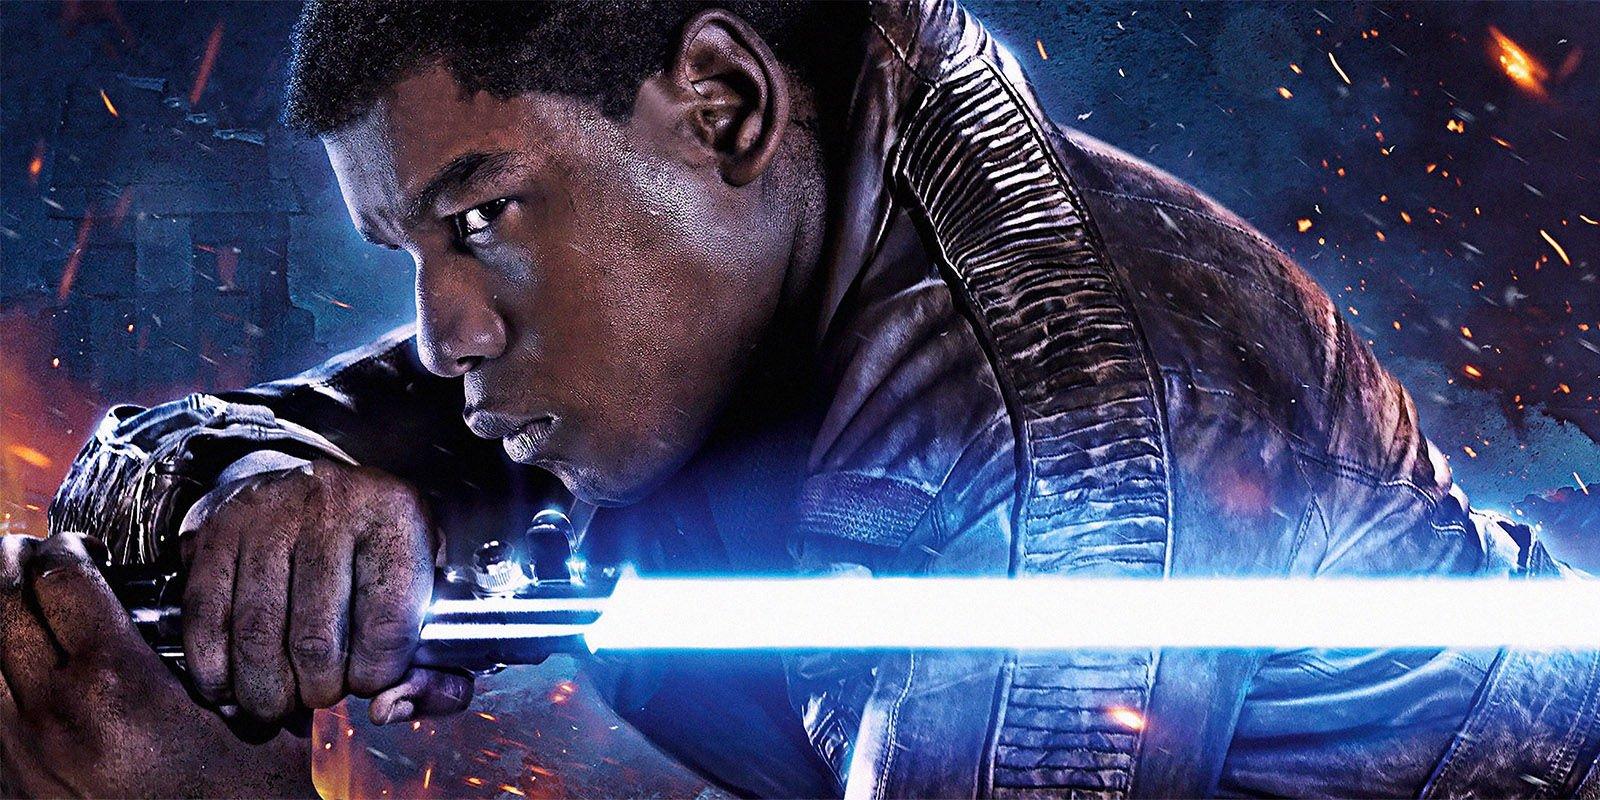 """Это было звездато. Рецензия на """"Звёздные войны: Пробуждение силы"""". - Изображение 13"""